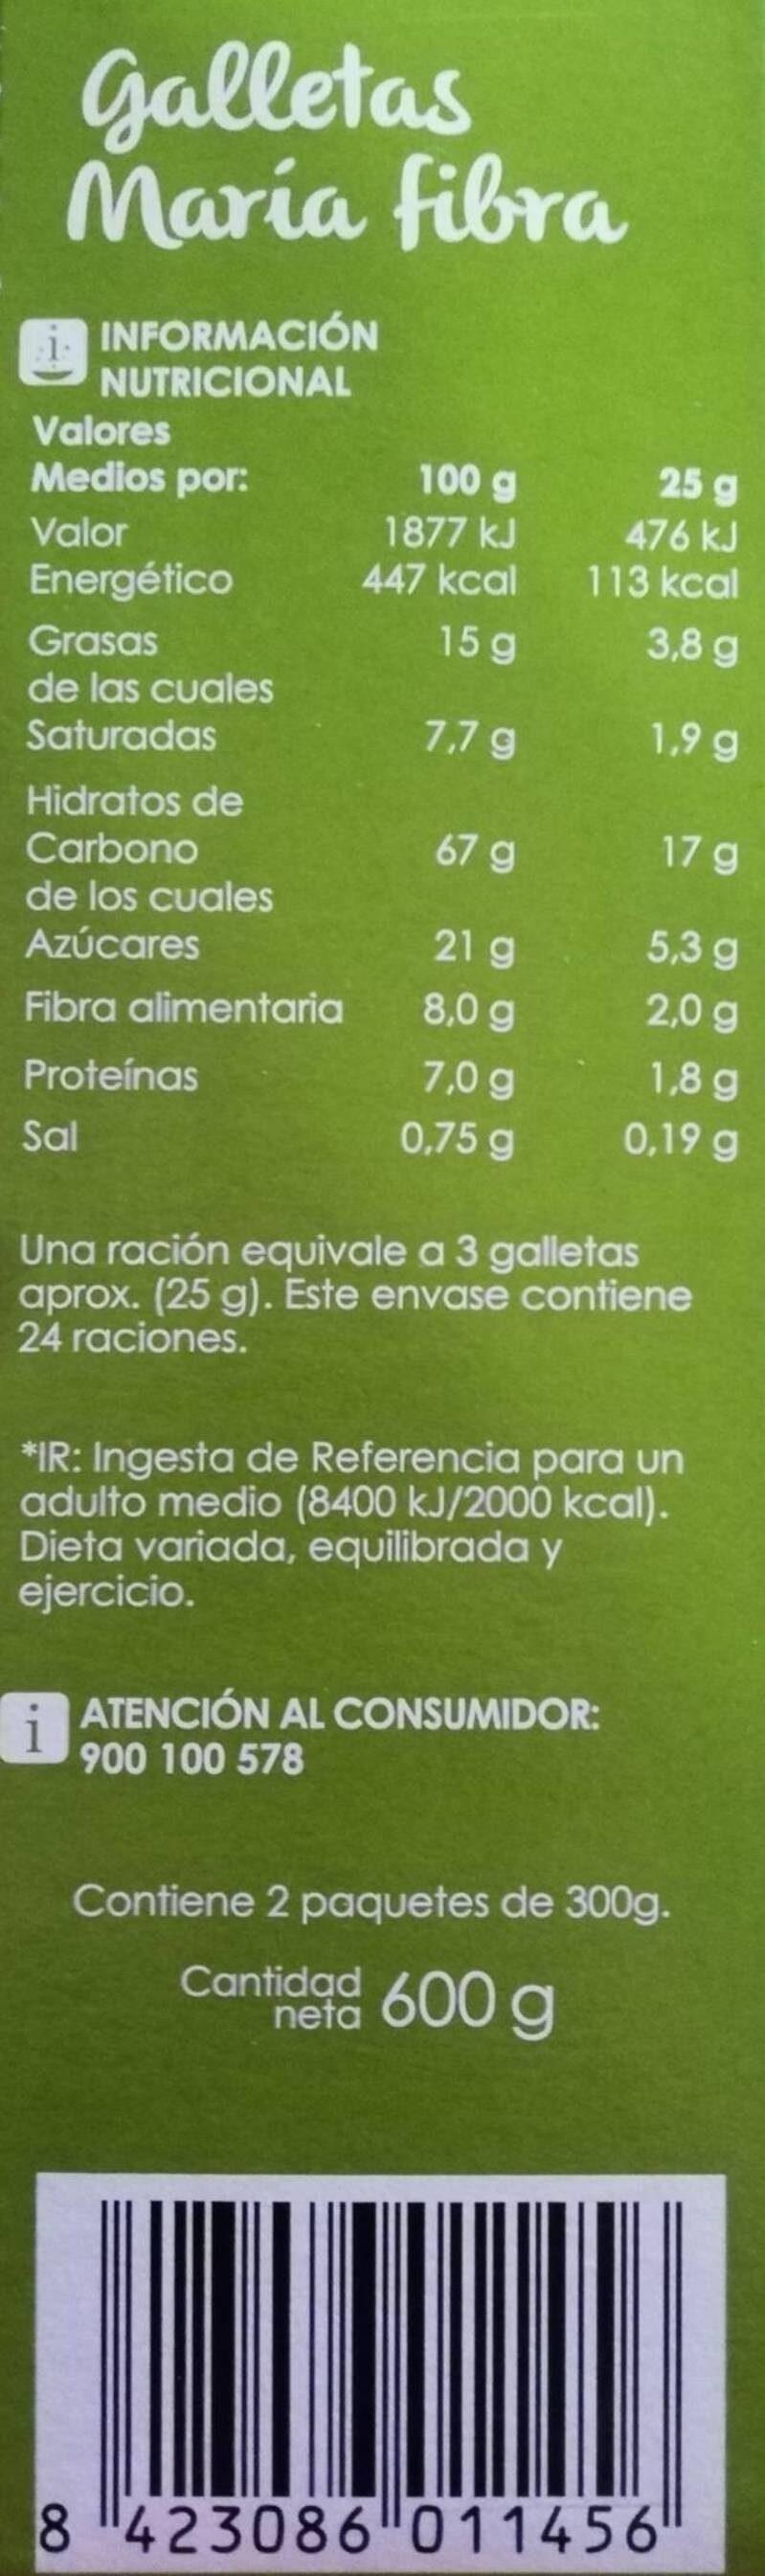 Galletas Maria fibra - Información nutricional